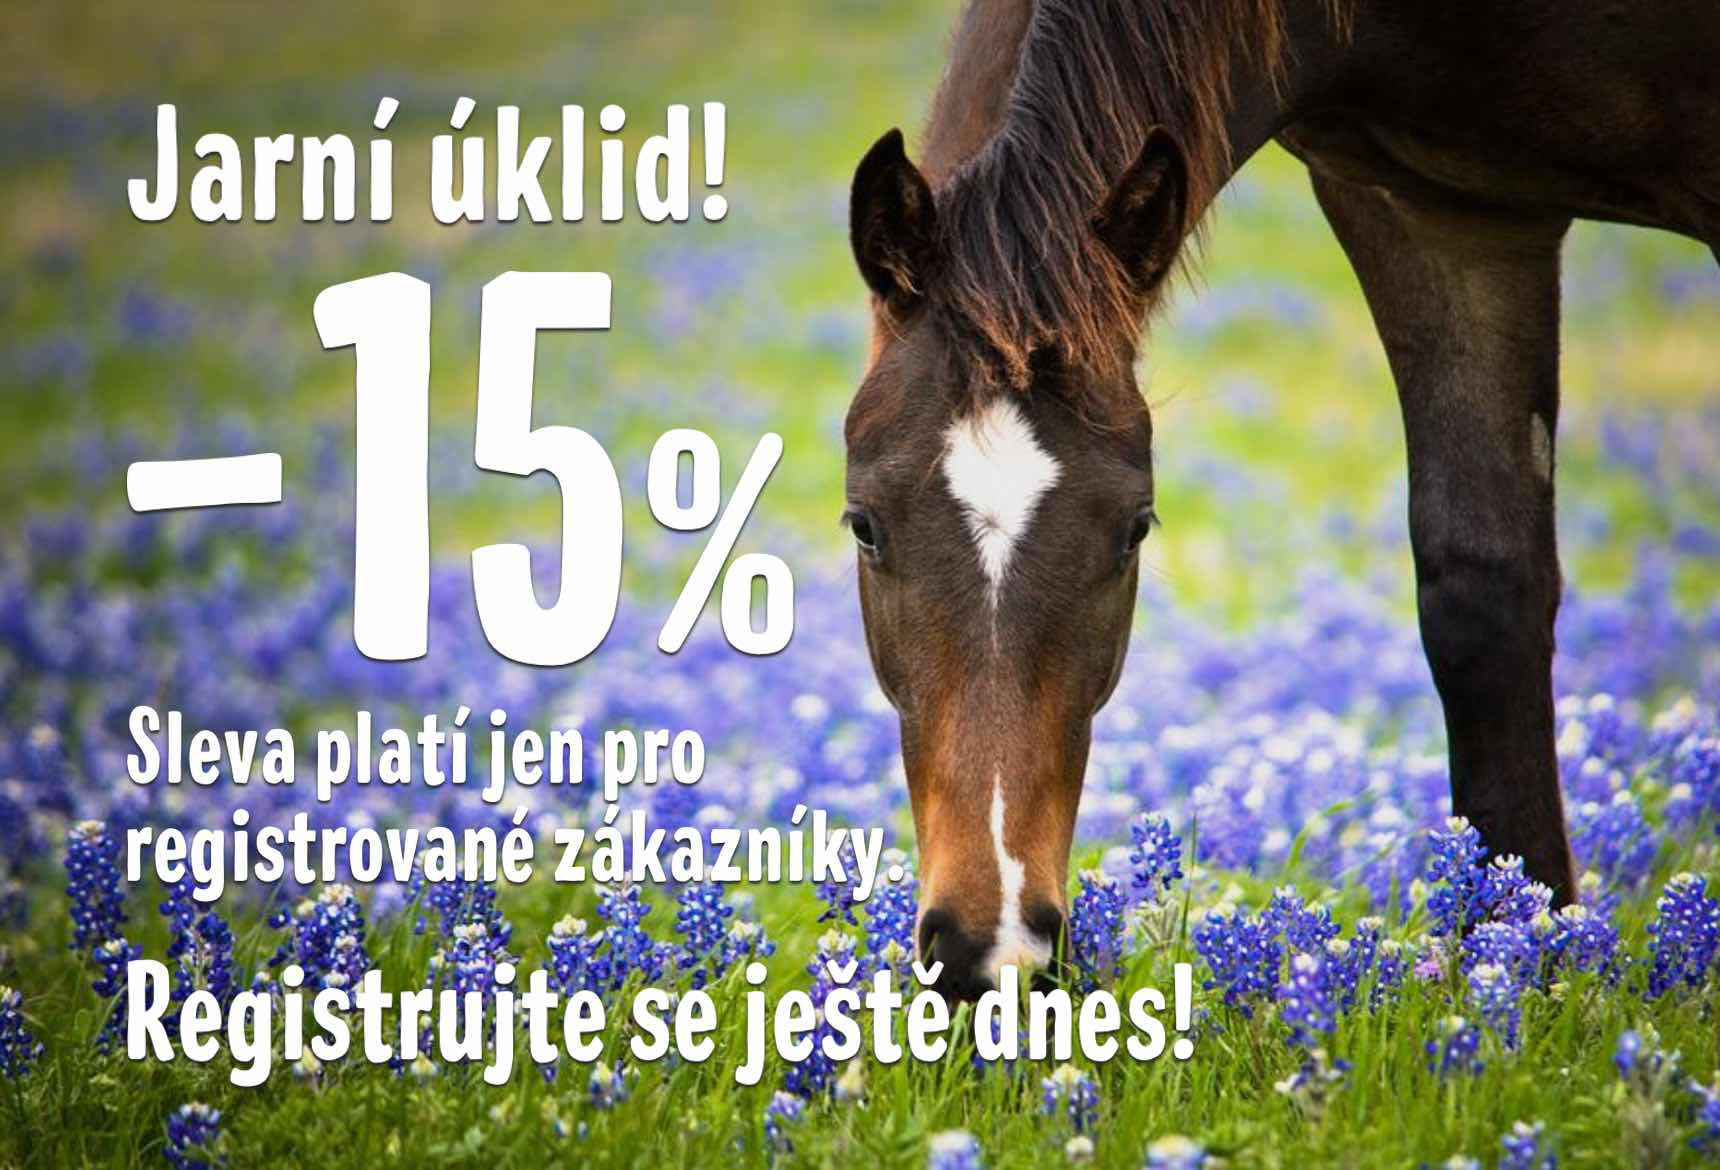 Jarní sleva -15% pro registrované zákazníky!